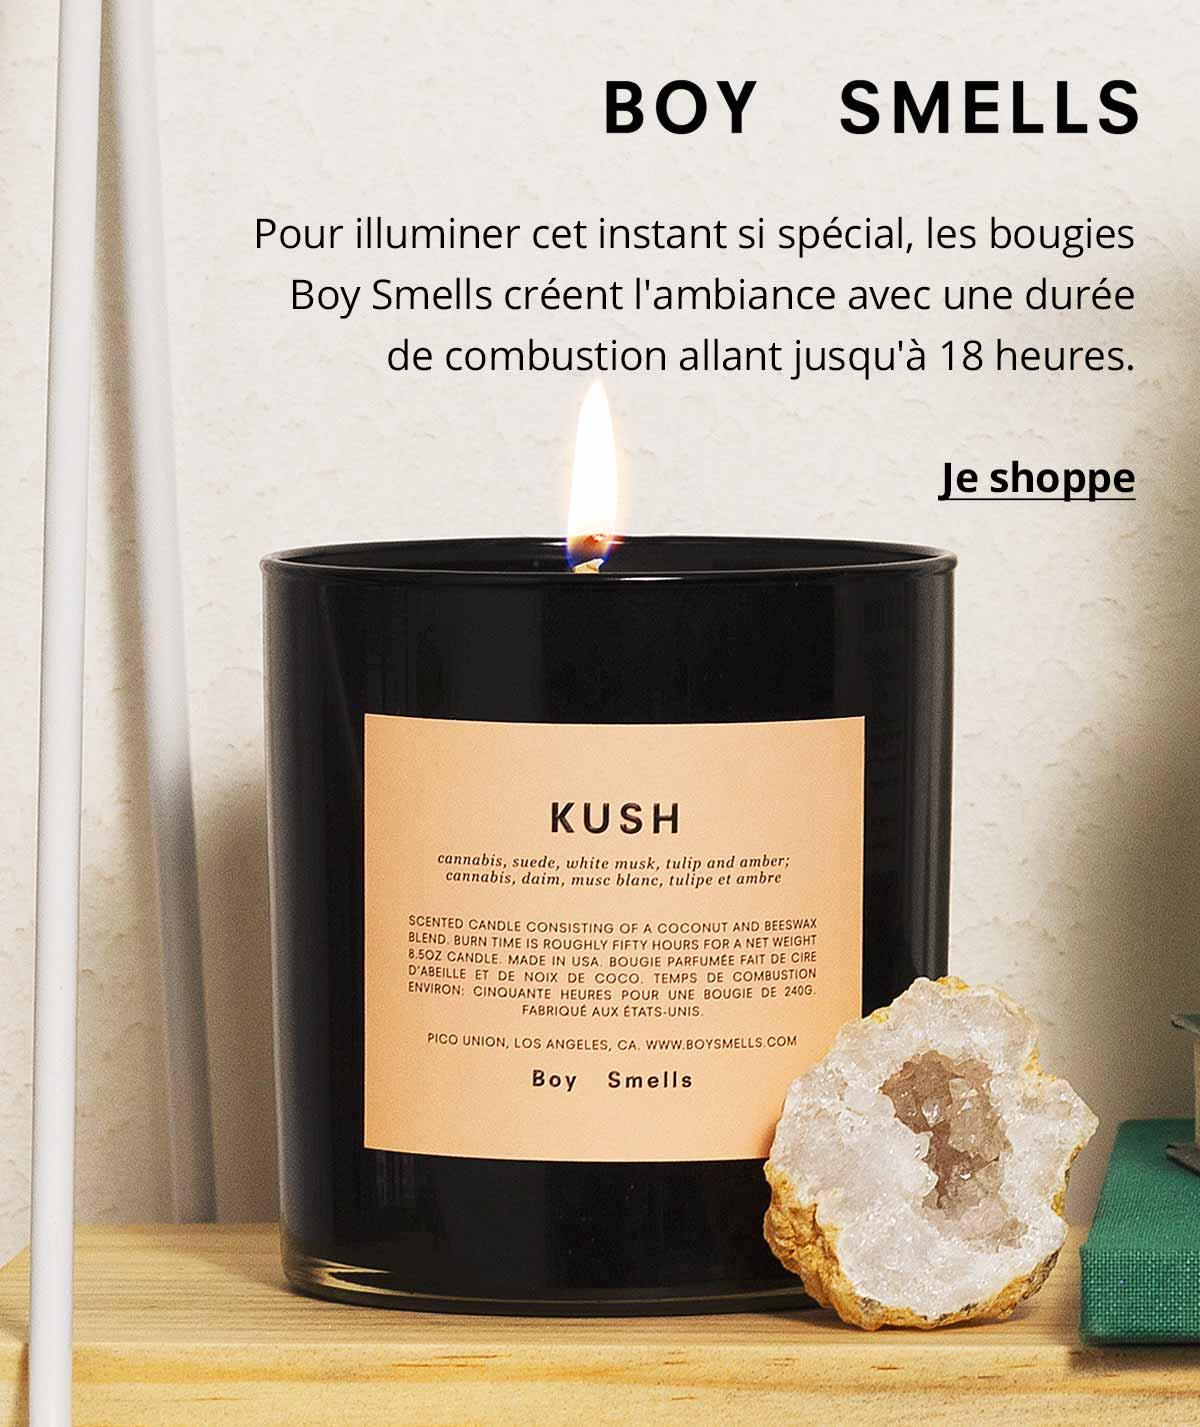 Boy Smells - Pour illuminer cet instant si spécial, les bougies Boy Smells créent l'ambiance avec une durée de combustion allant jusqu'à 18 heures.